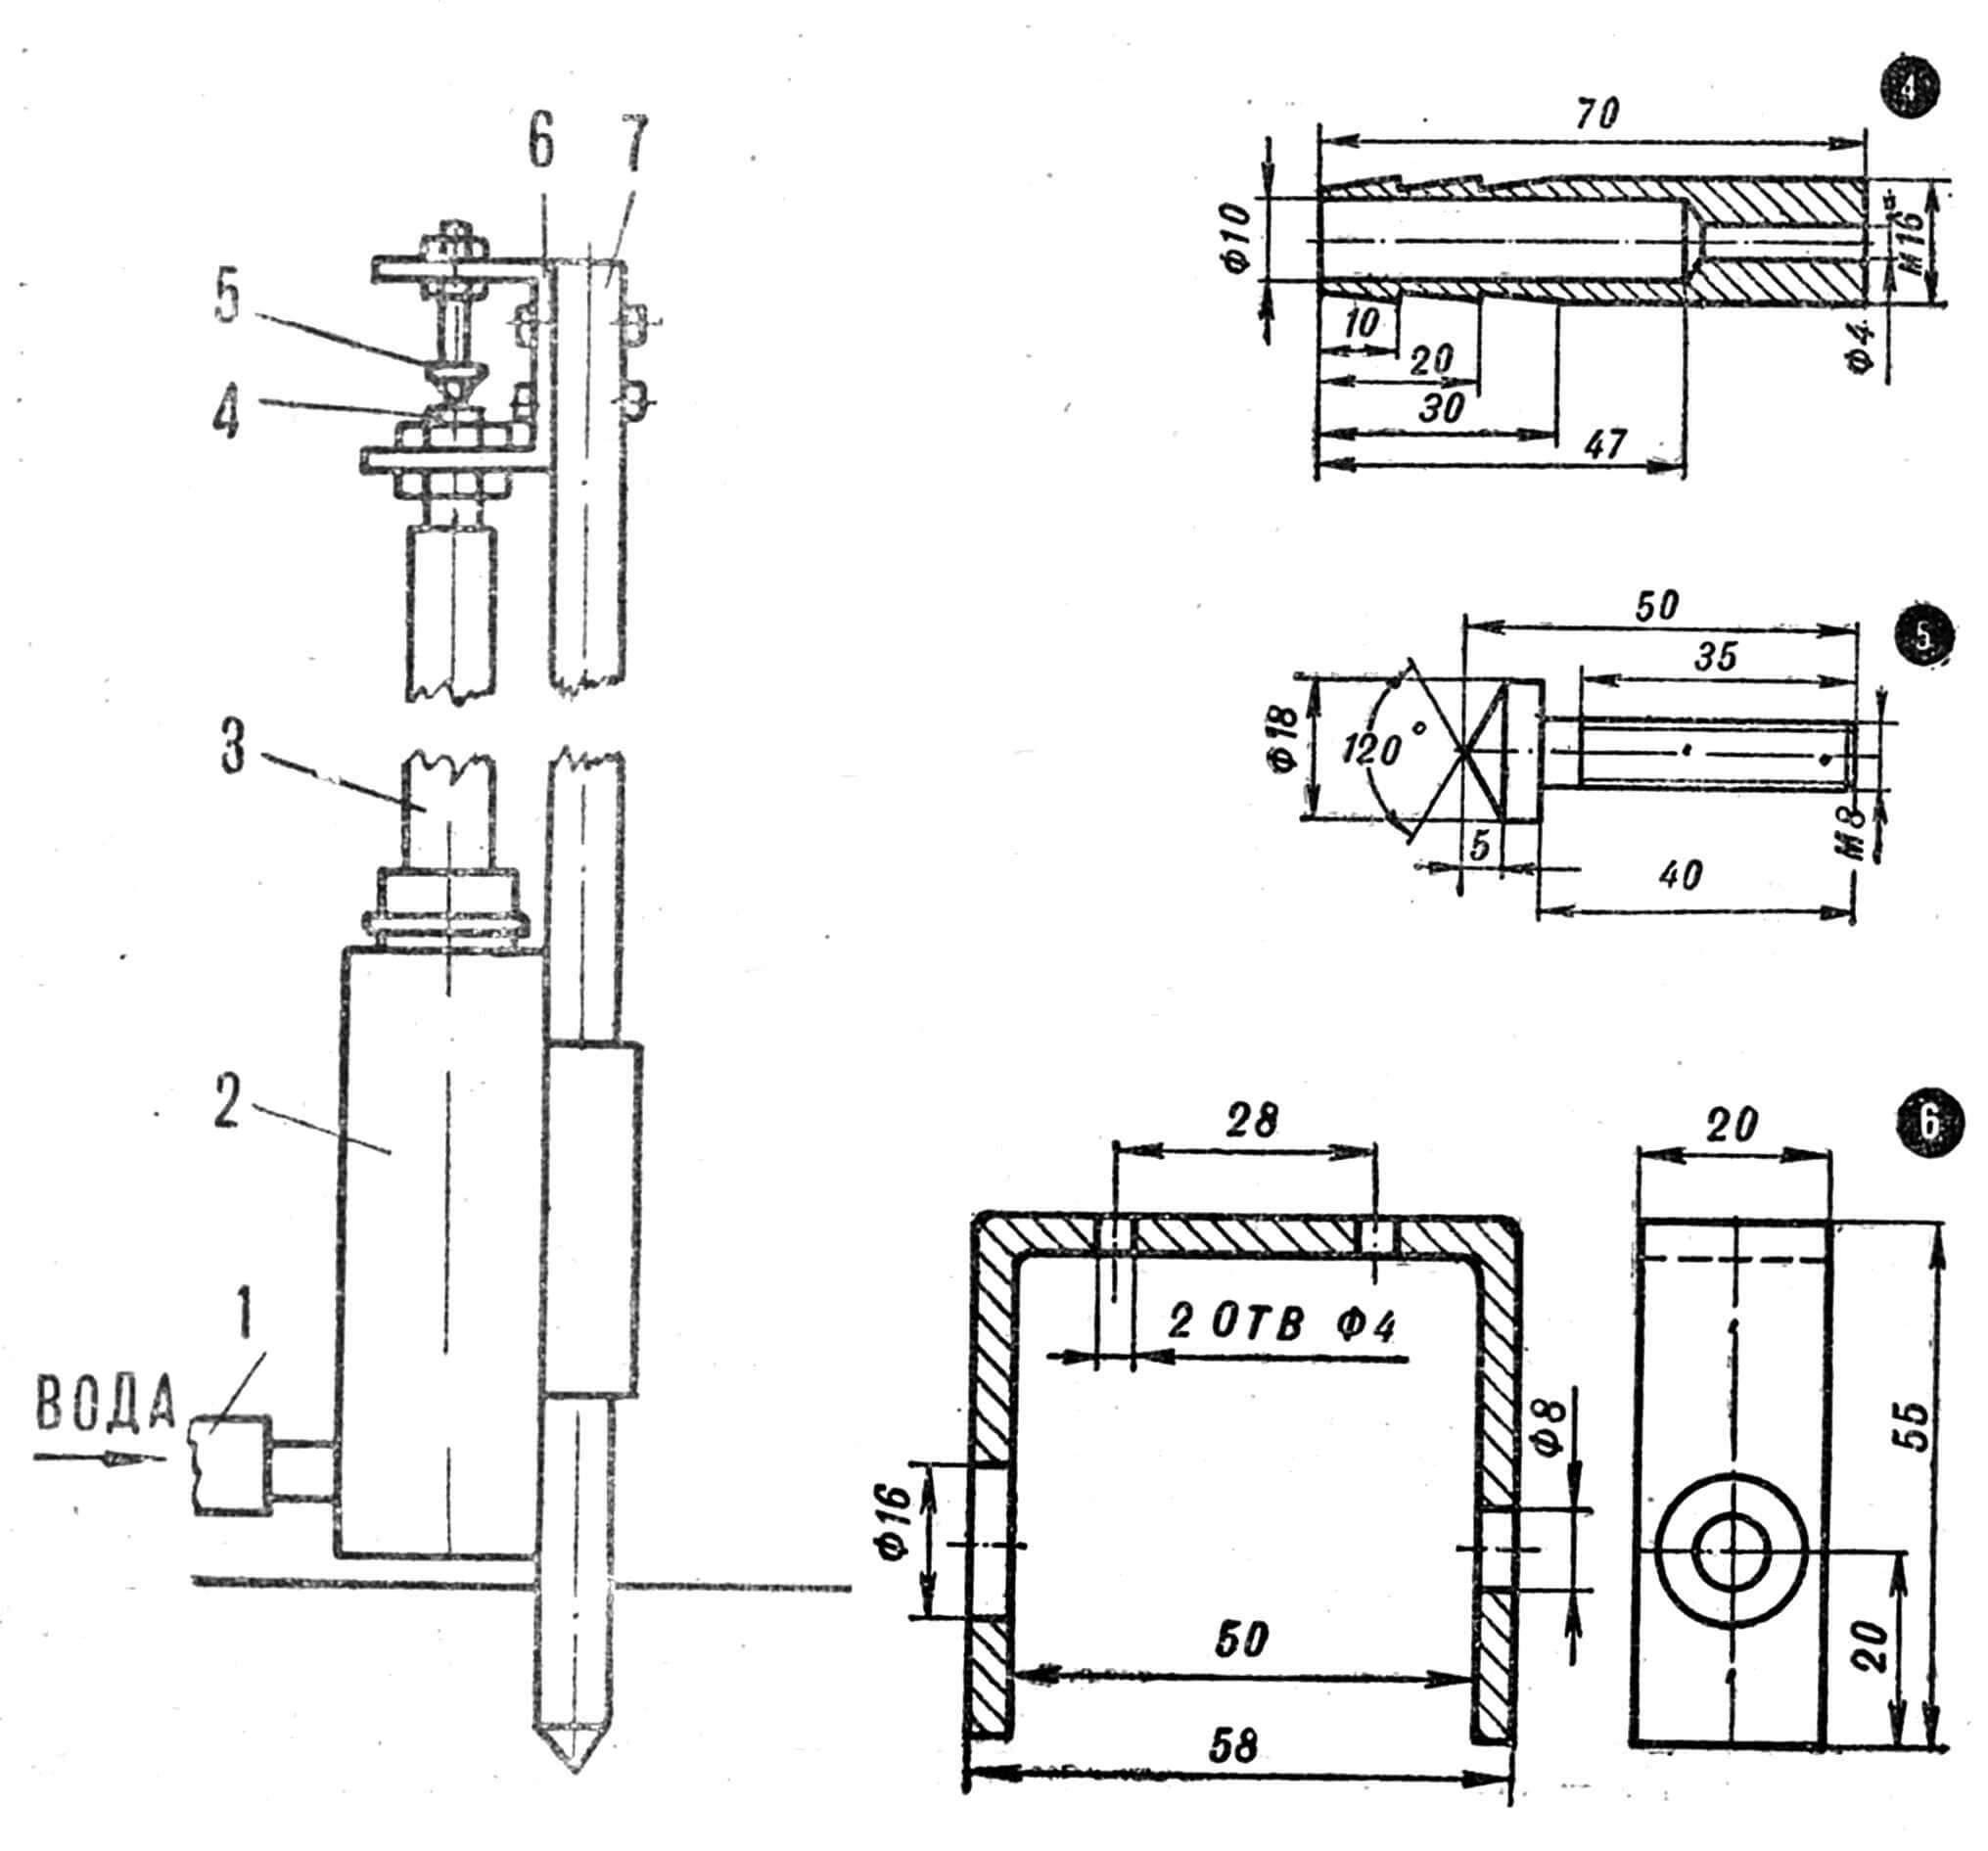 Рис. 3. Устройство дождевальной установки: 1 — подводной шланг, 2 — подкормочный бачок, 3 — соединительный шланг, 4 — сопло, 5 — конус, 6 — скоба, 7 — стойка.